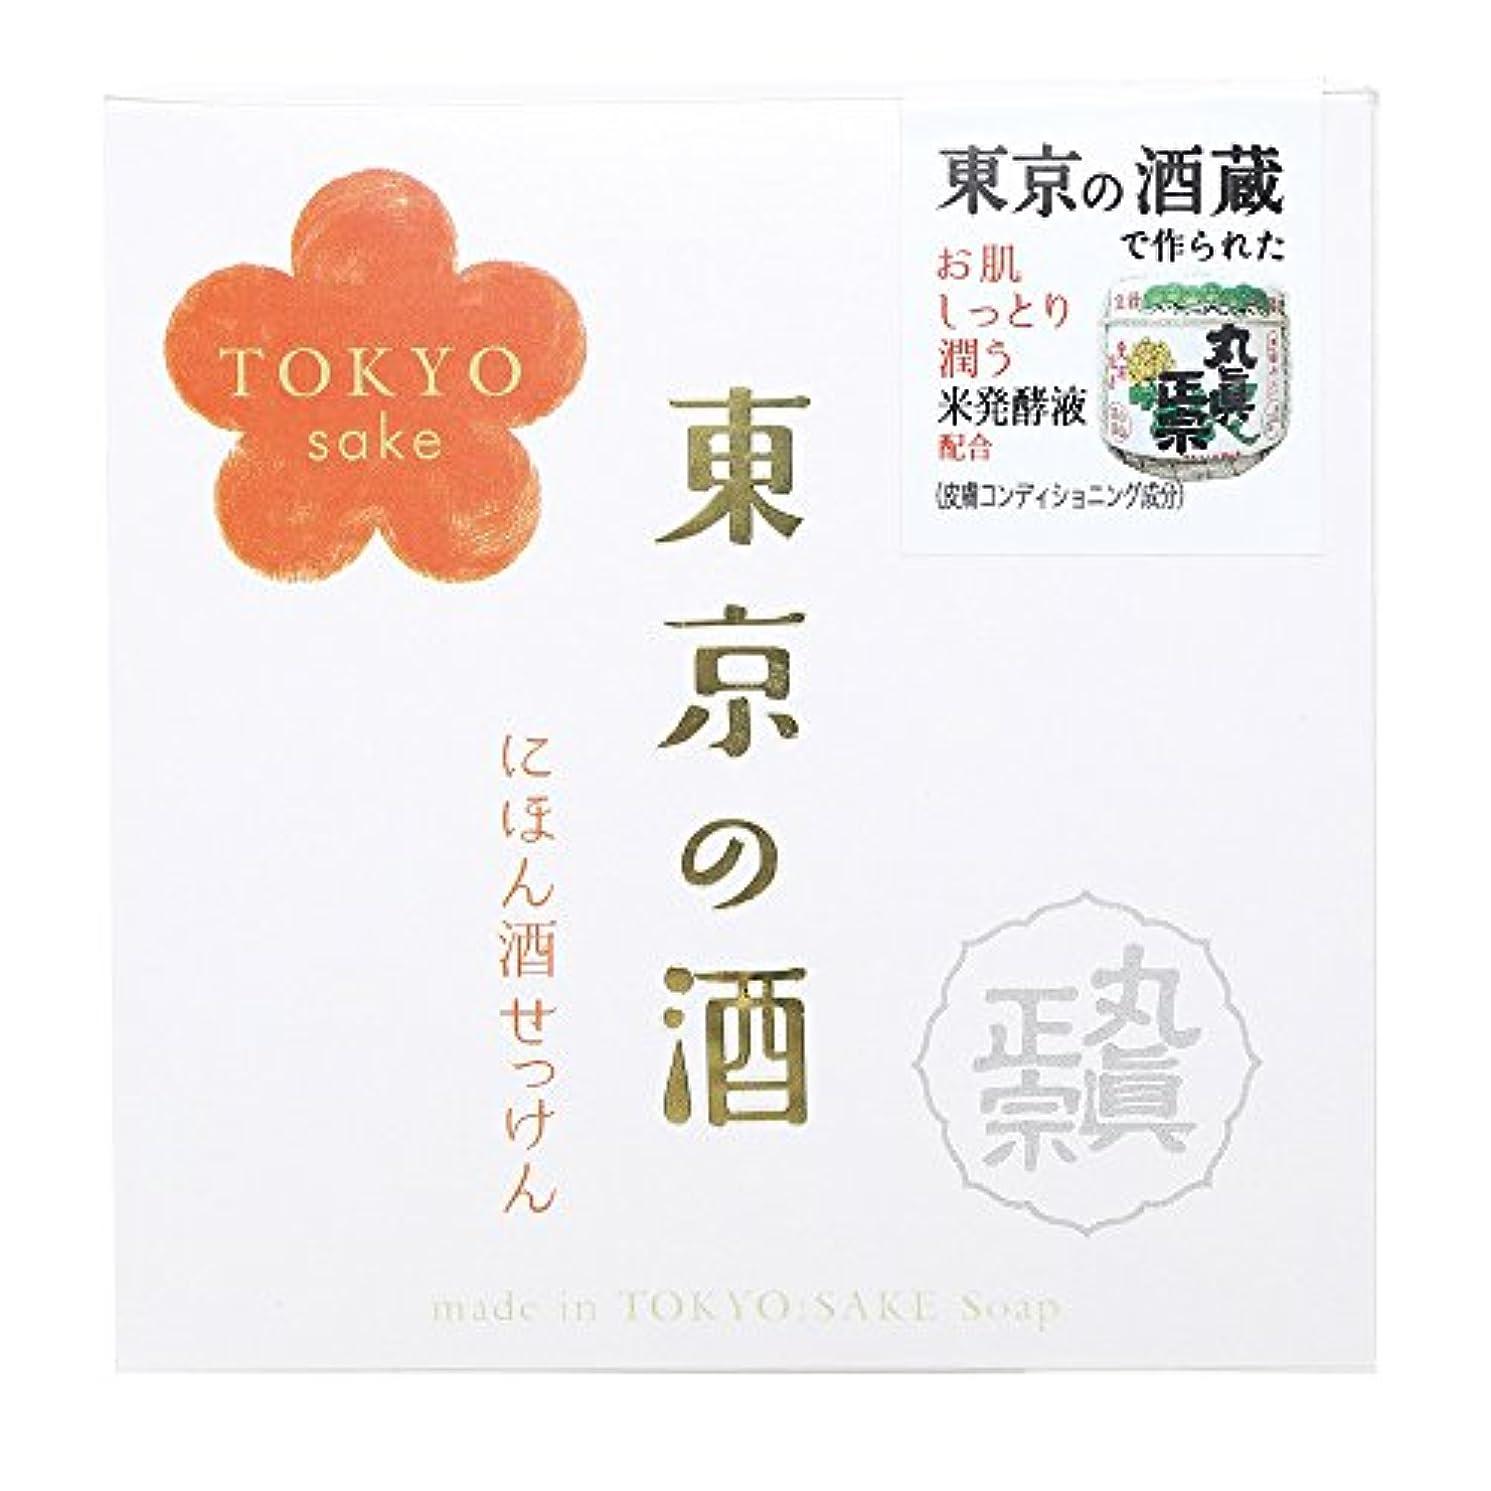 腐食する荷物遠洋のノルコーポレーション 東京の酒 石けん OB-TKY-1-1 100g